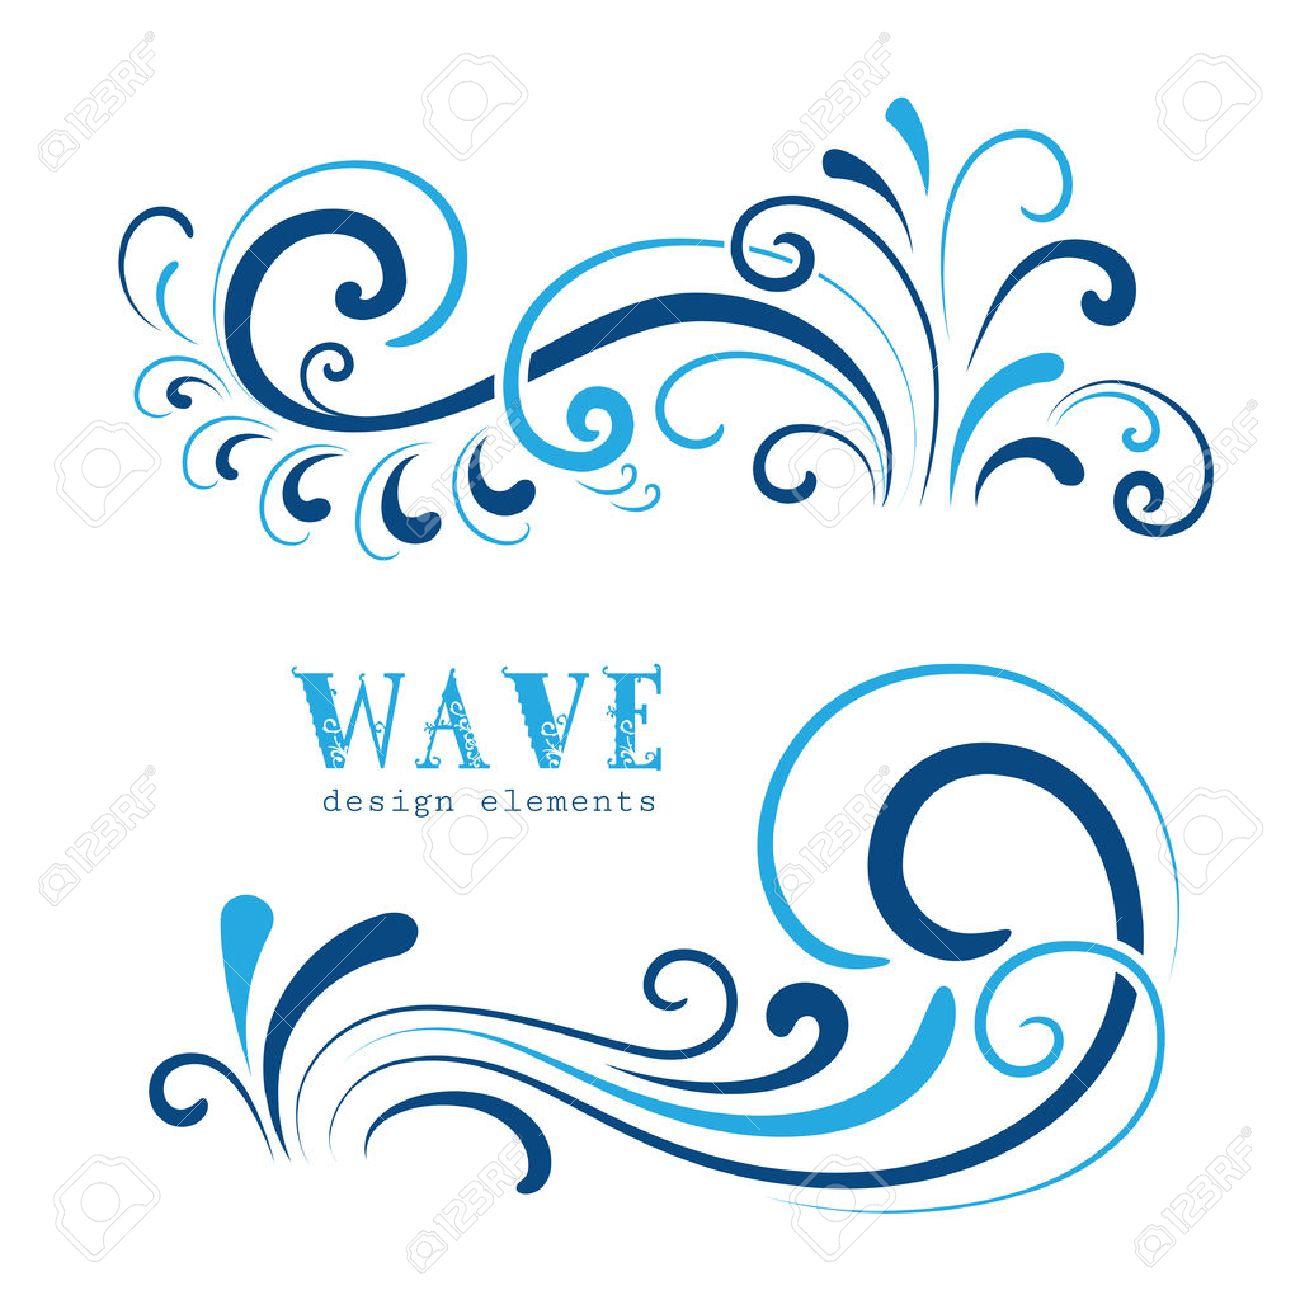 Wave icons, wavy shapes, decorative swirls on white - 43130409